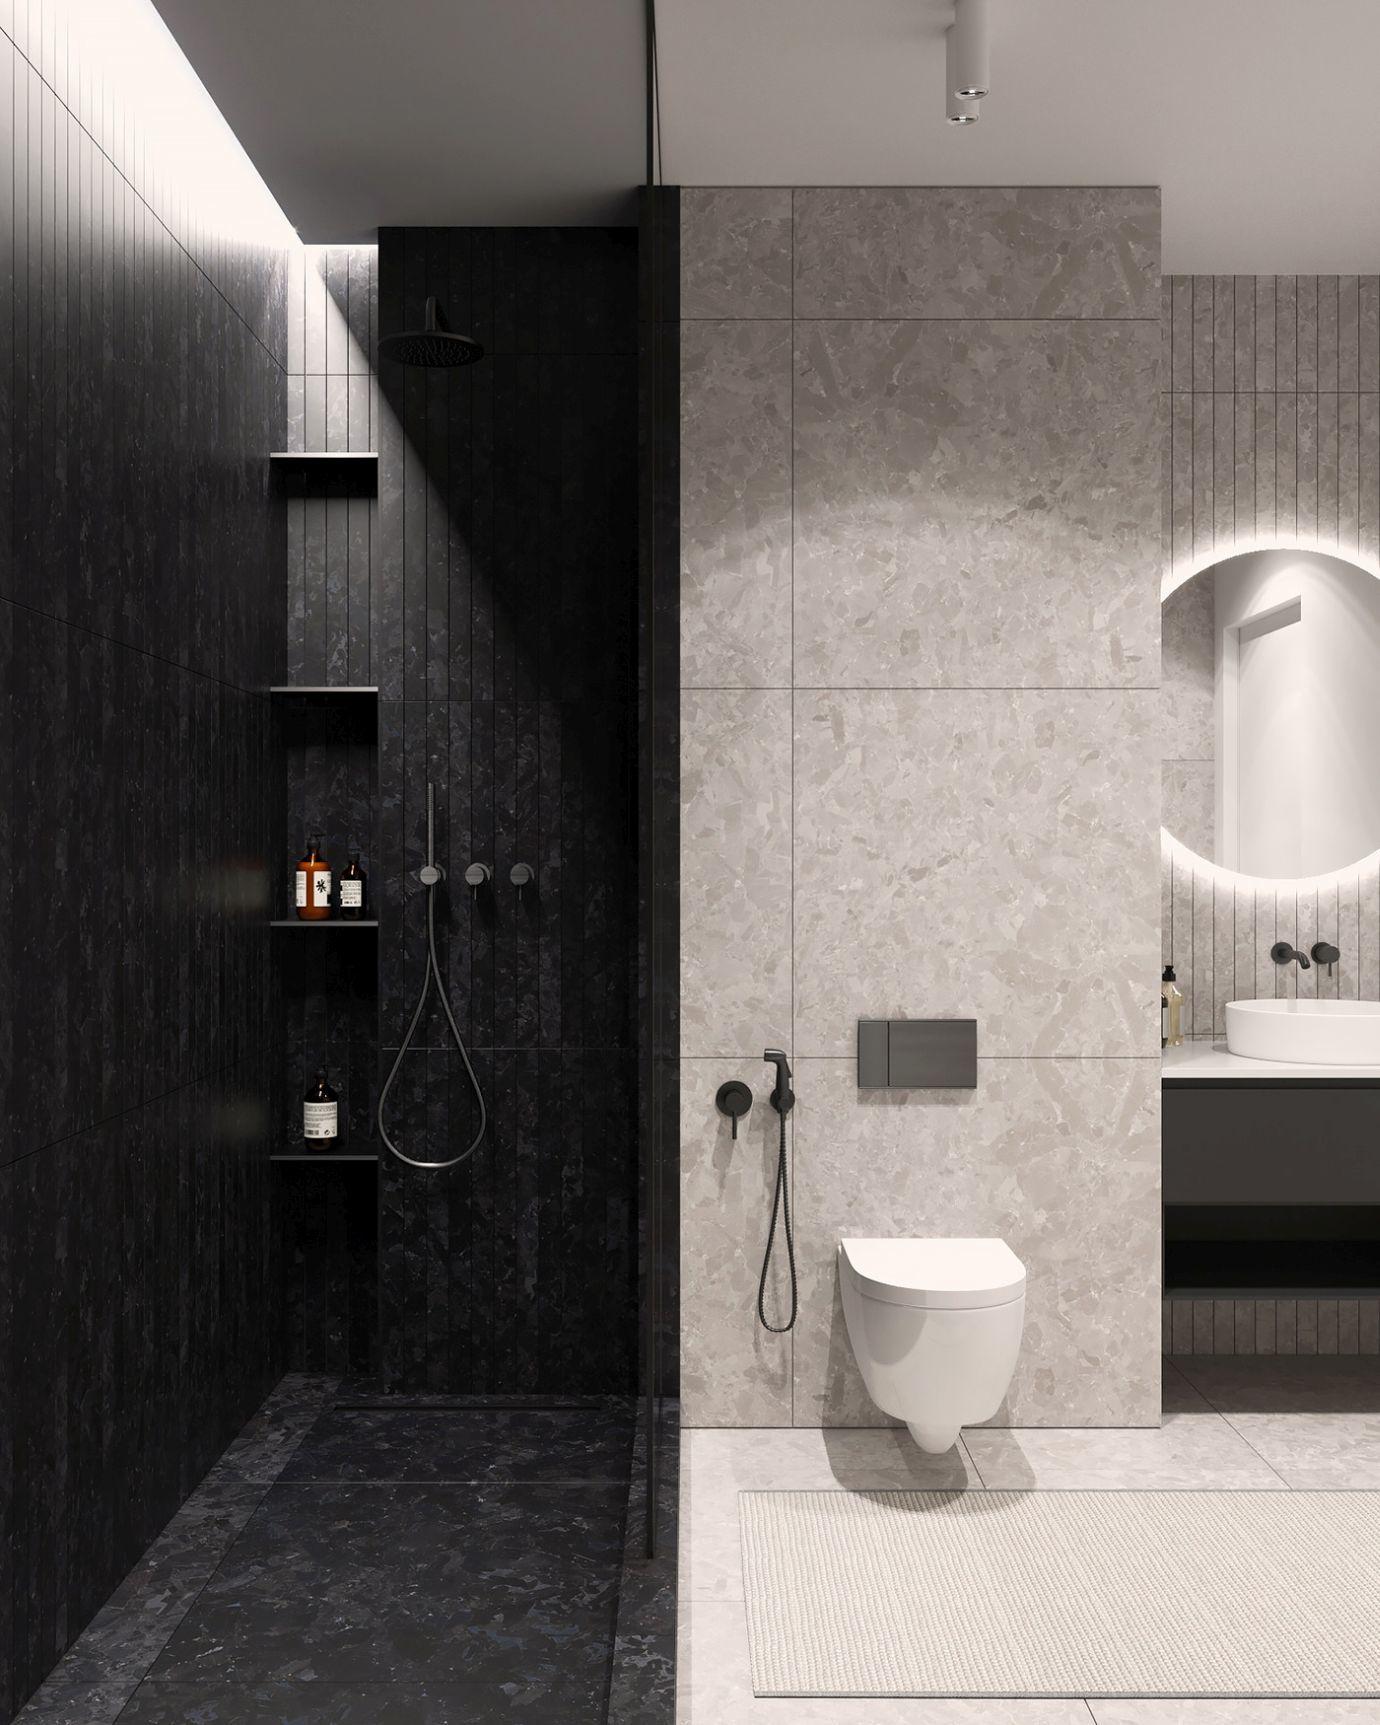 A fürdőszoba viszont sajnos nélkülözi a színeket, ám ennek ellenére profi